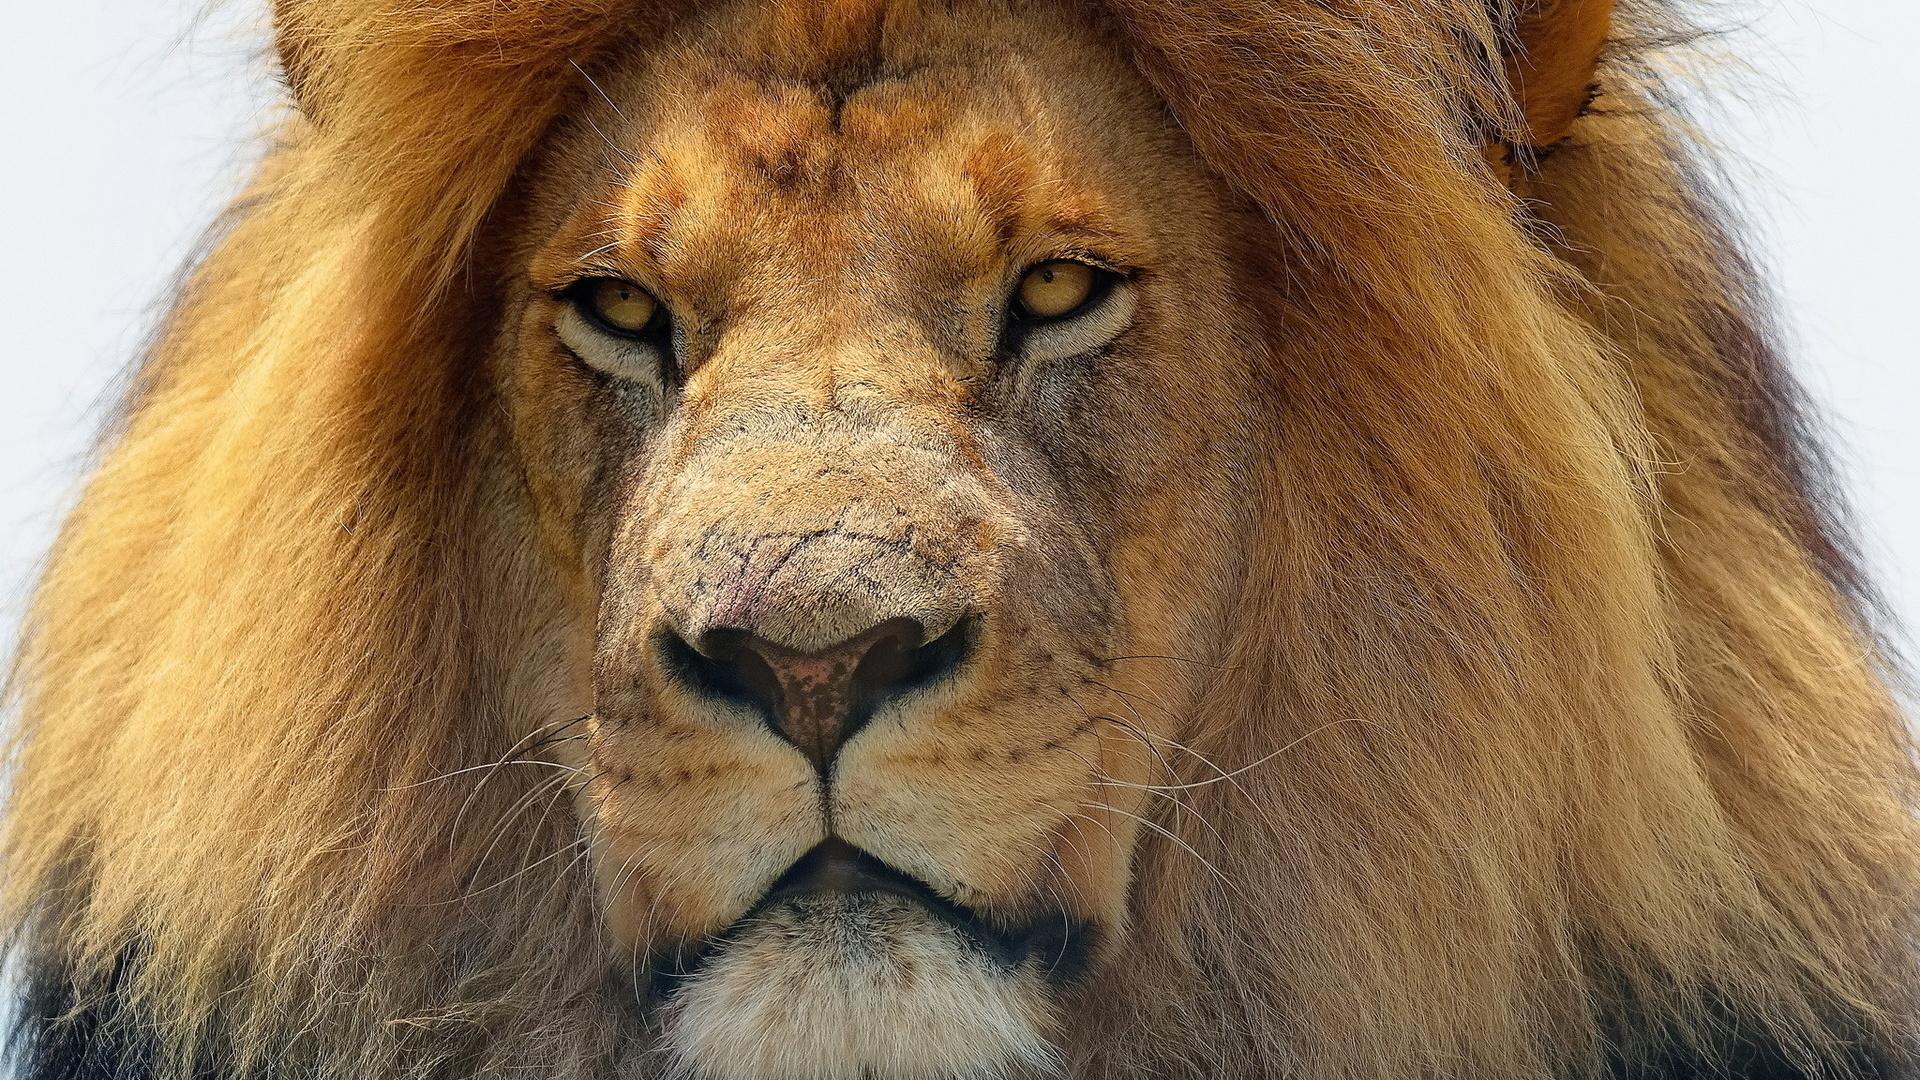 интересные картинки льва нагревательная сушильная